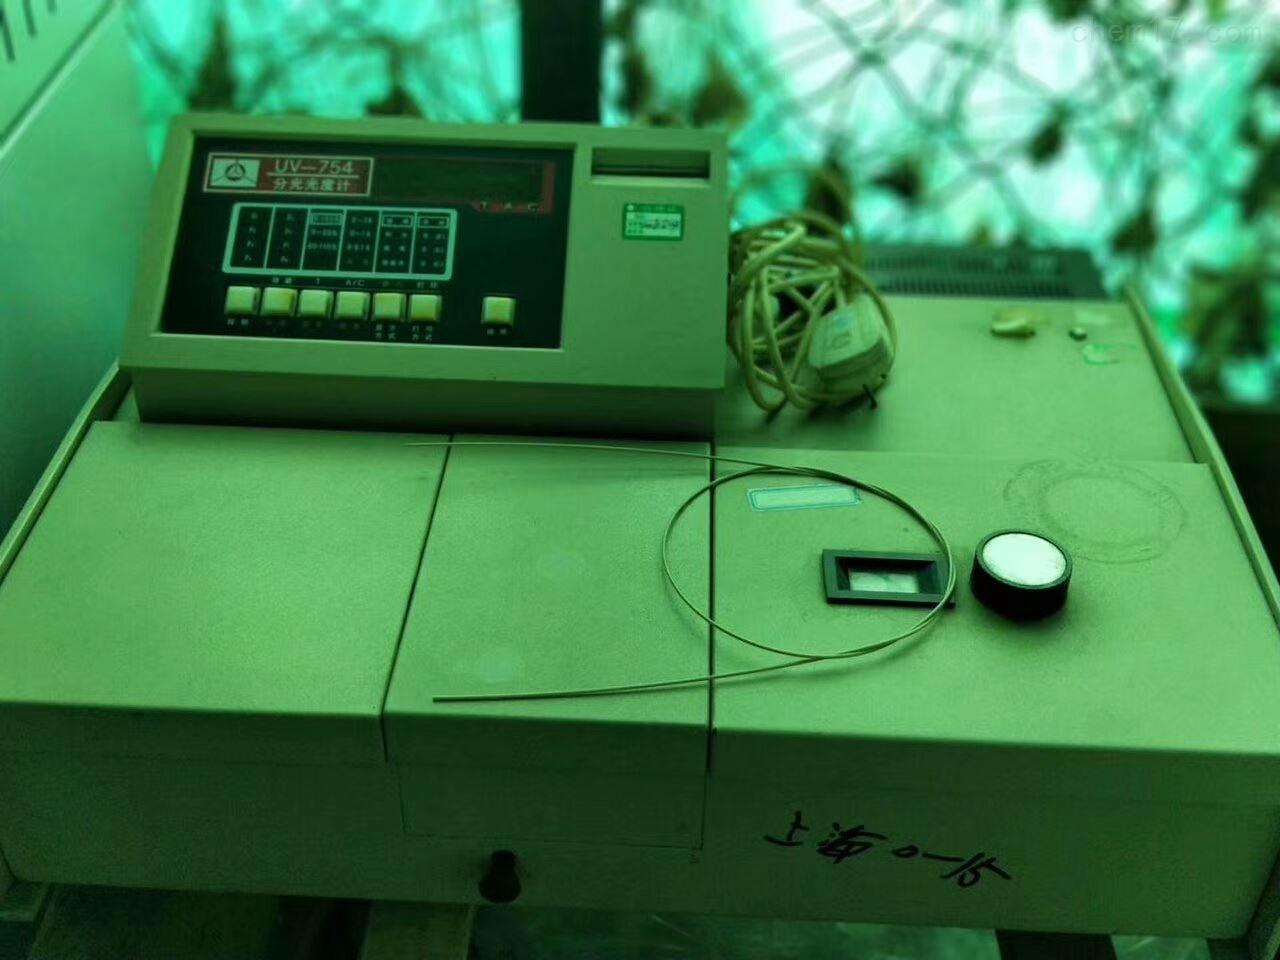 实验室化验仪器二手实验室全套化验仪器回收